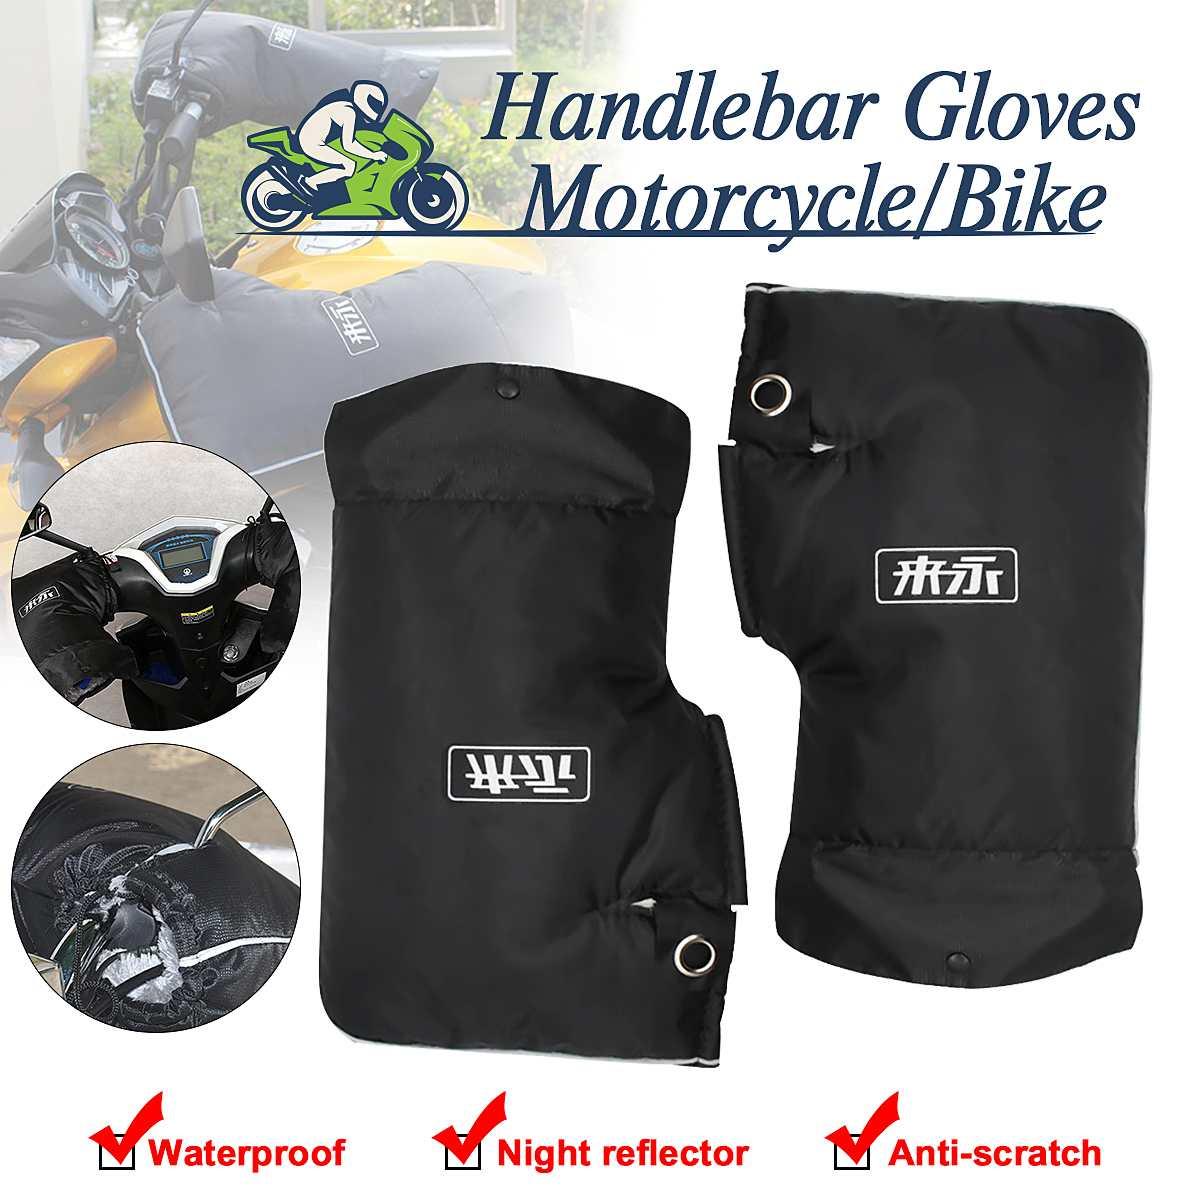 Winter Thermal Motorcycle kierownica do skutera rękawice wiatroszczelna wodoodporna noc odblaskowa rączka do motocykla osłona dłoni mufka